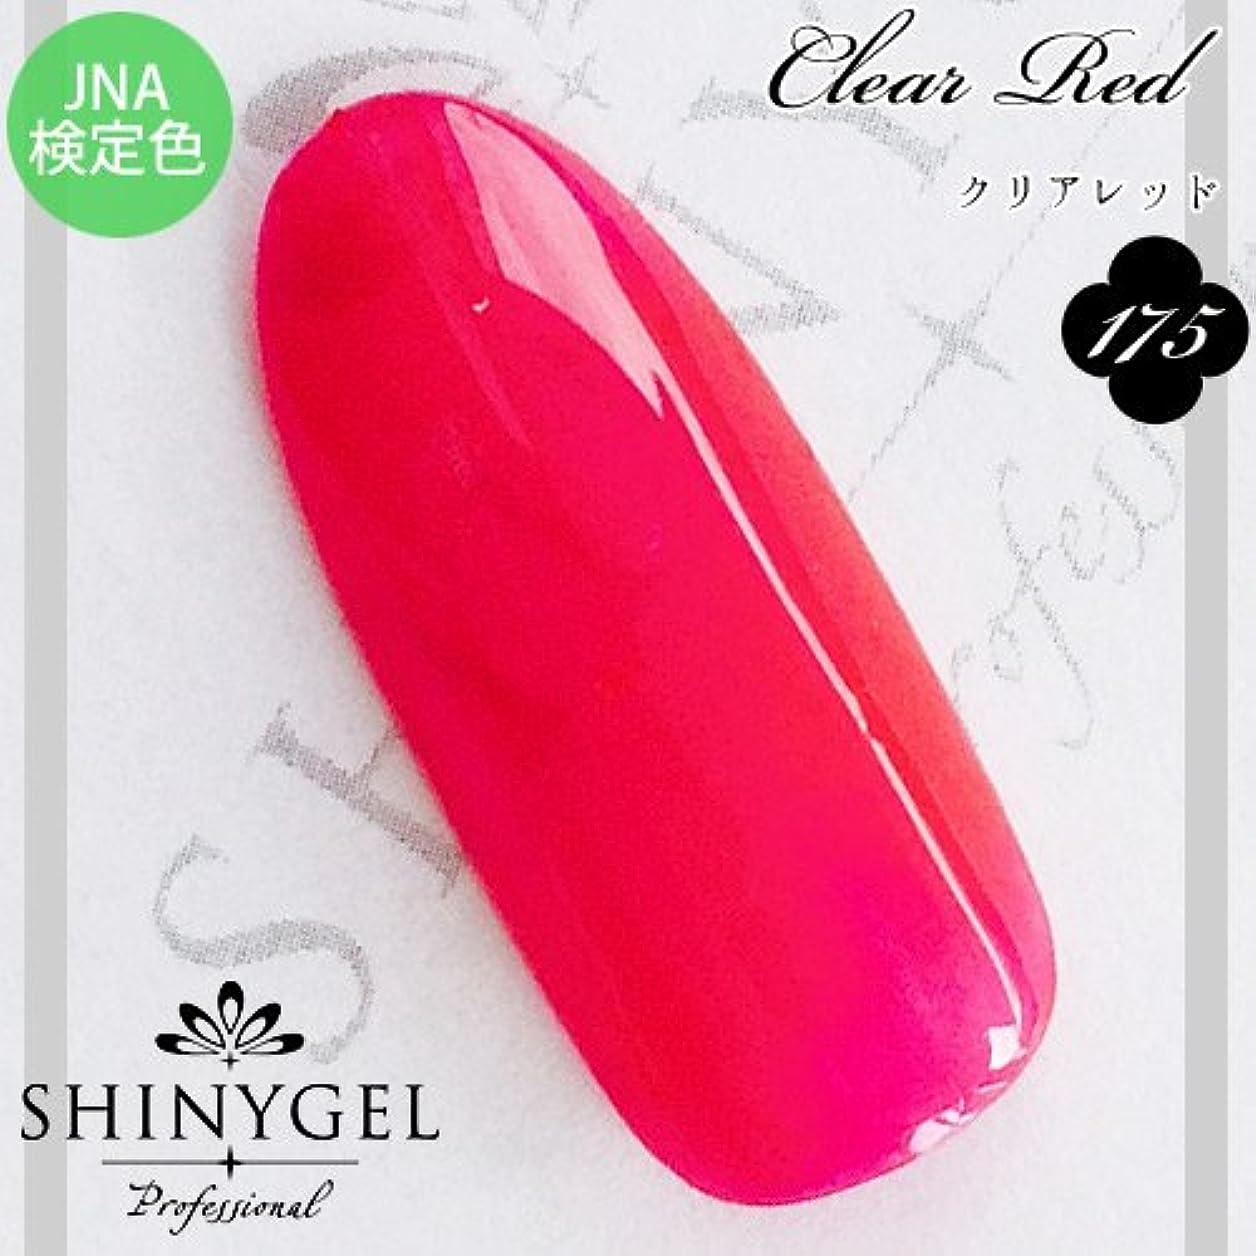 バーその融合SHINY GEL カラージェル 175 4g クリアレッド JNA検定色 UV/LED対応